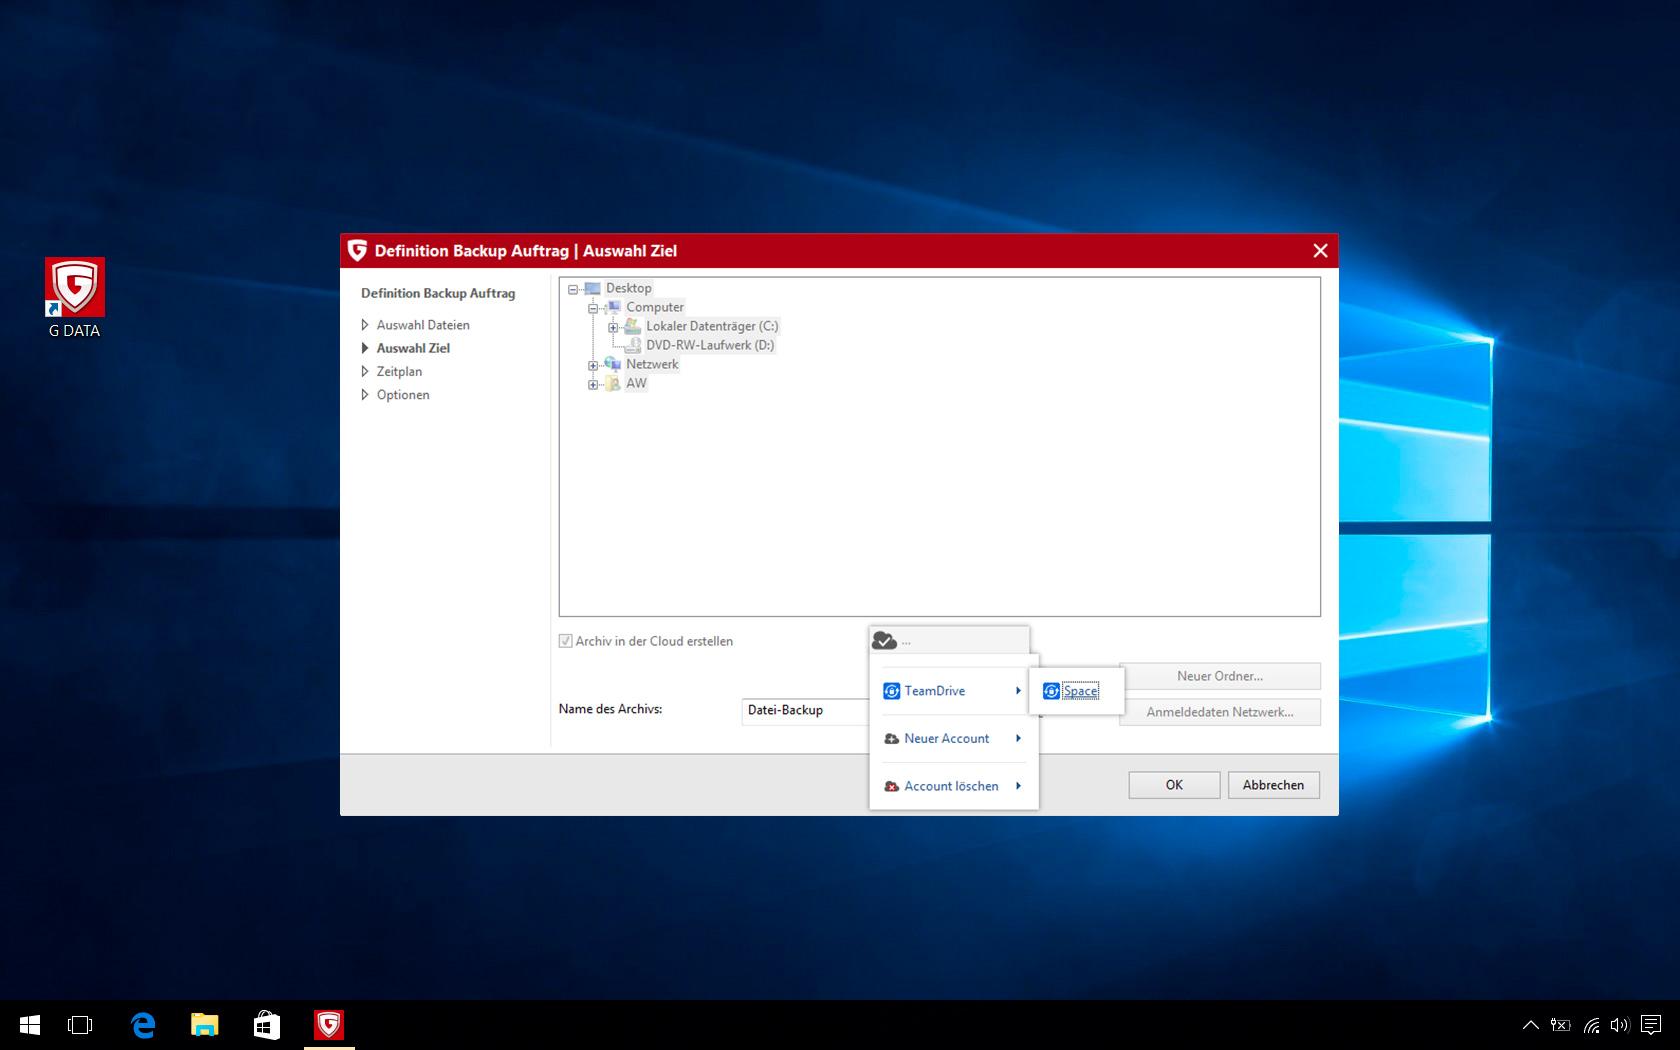 G_DATA_Screenshot_TS_2019_Backup.jpg